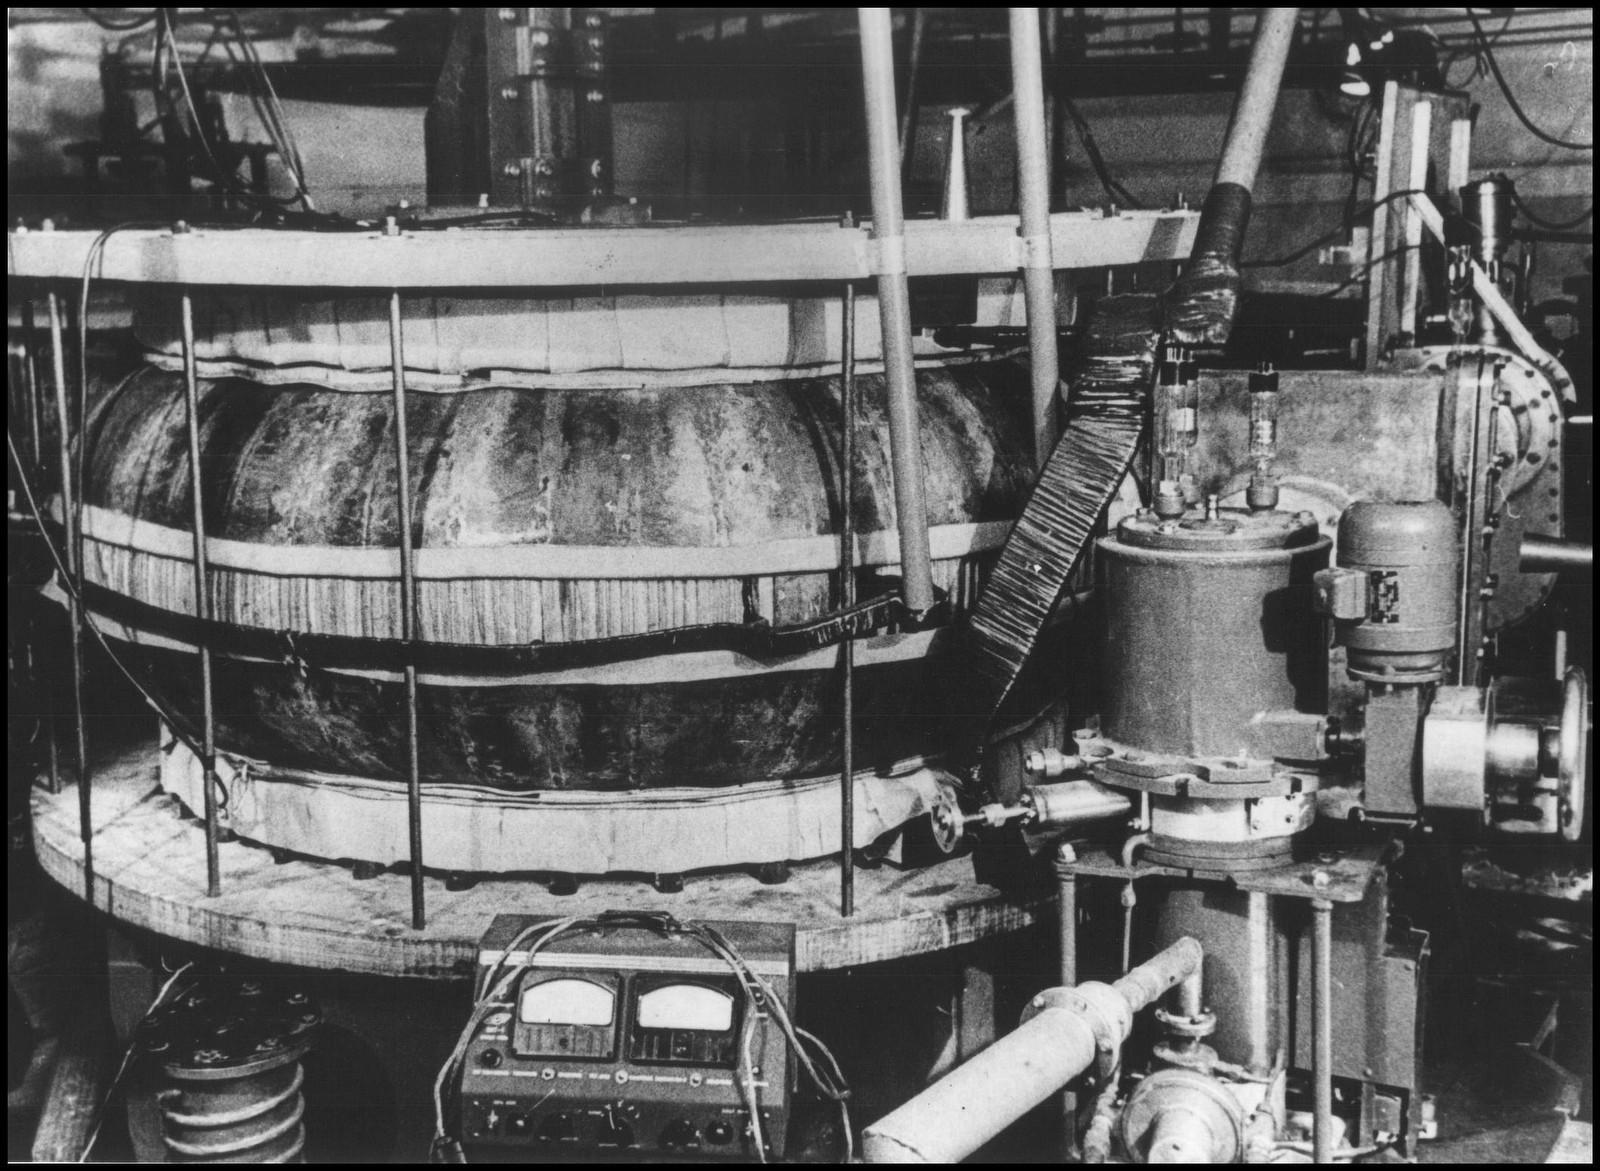 Курчатовский институт готовится к пуску гибридного токамака Т-15МД - 3